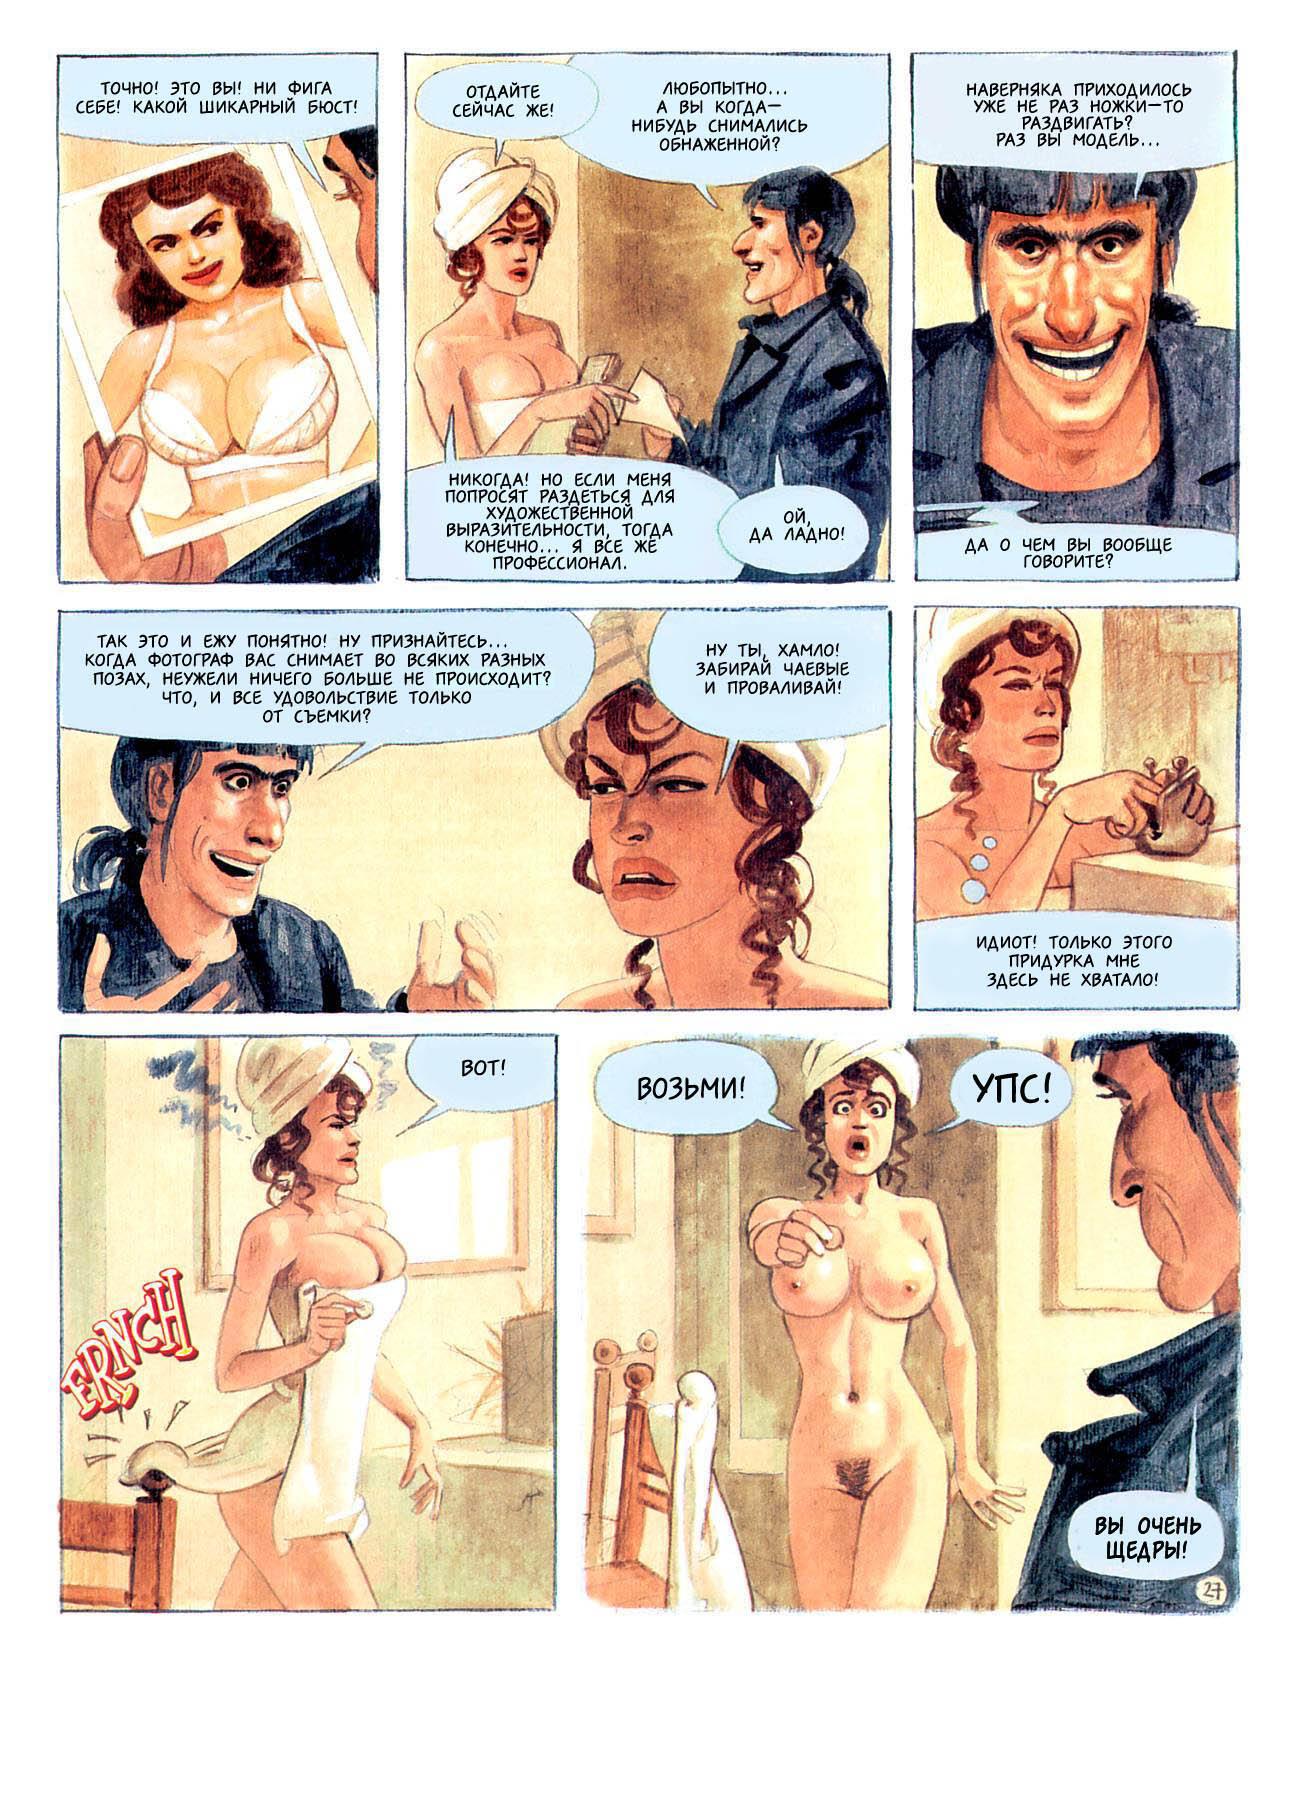 Ретро комиксы для взрослых 14 фотография